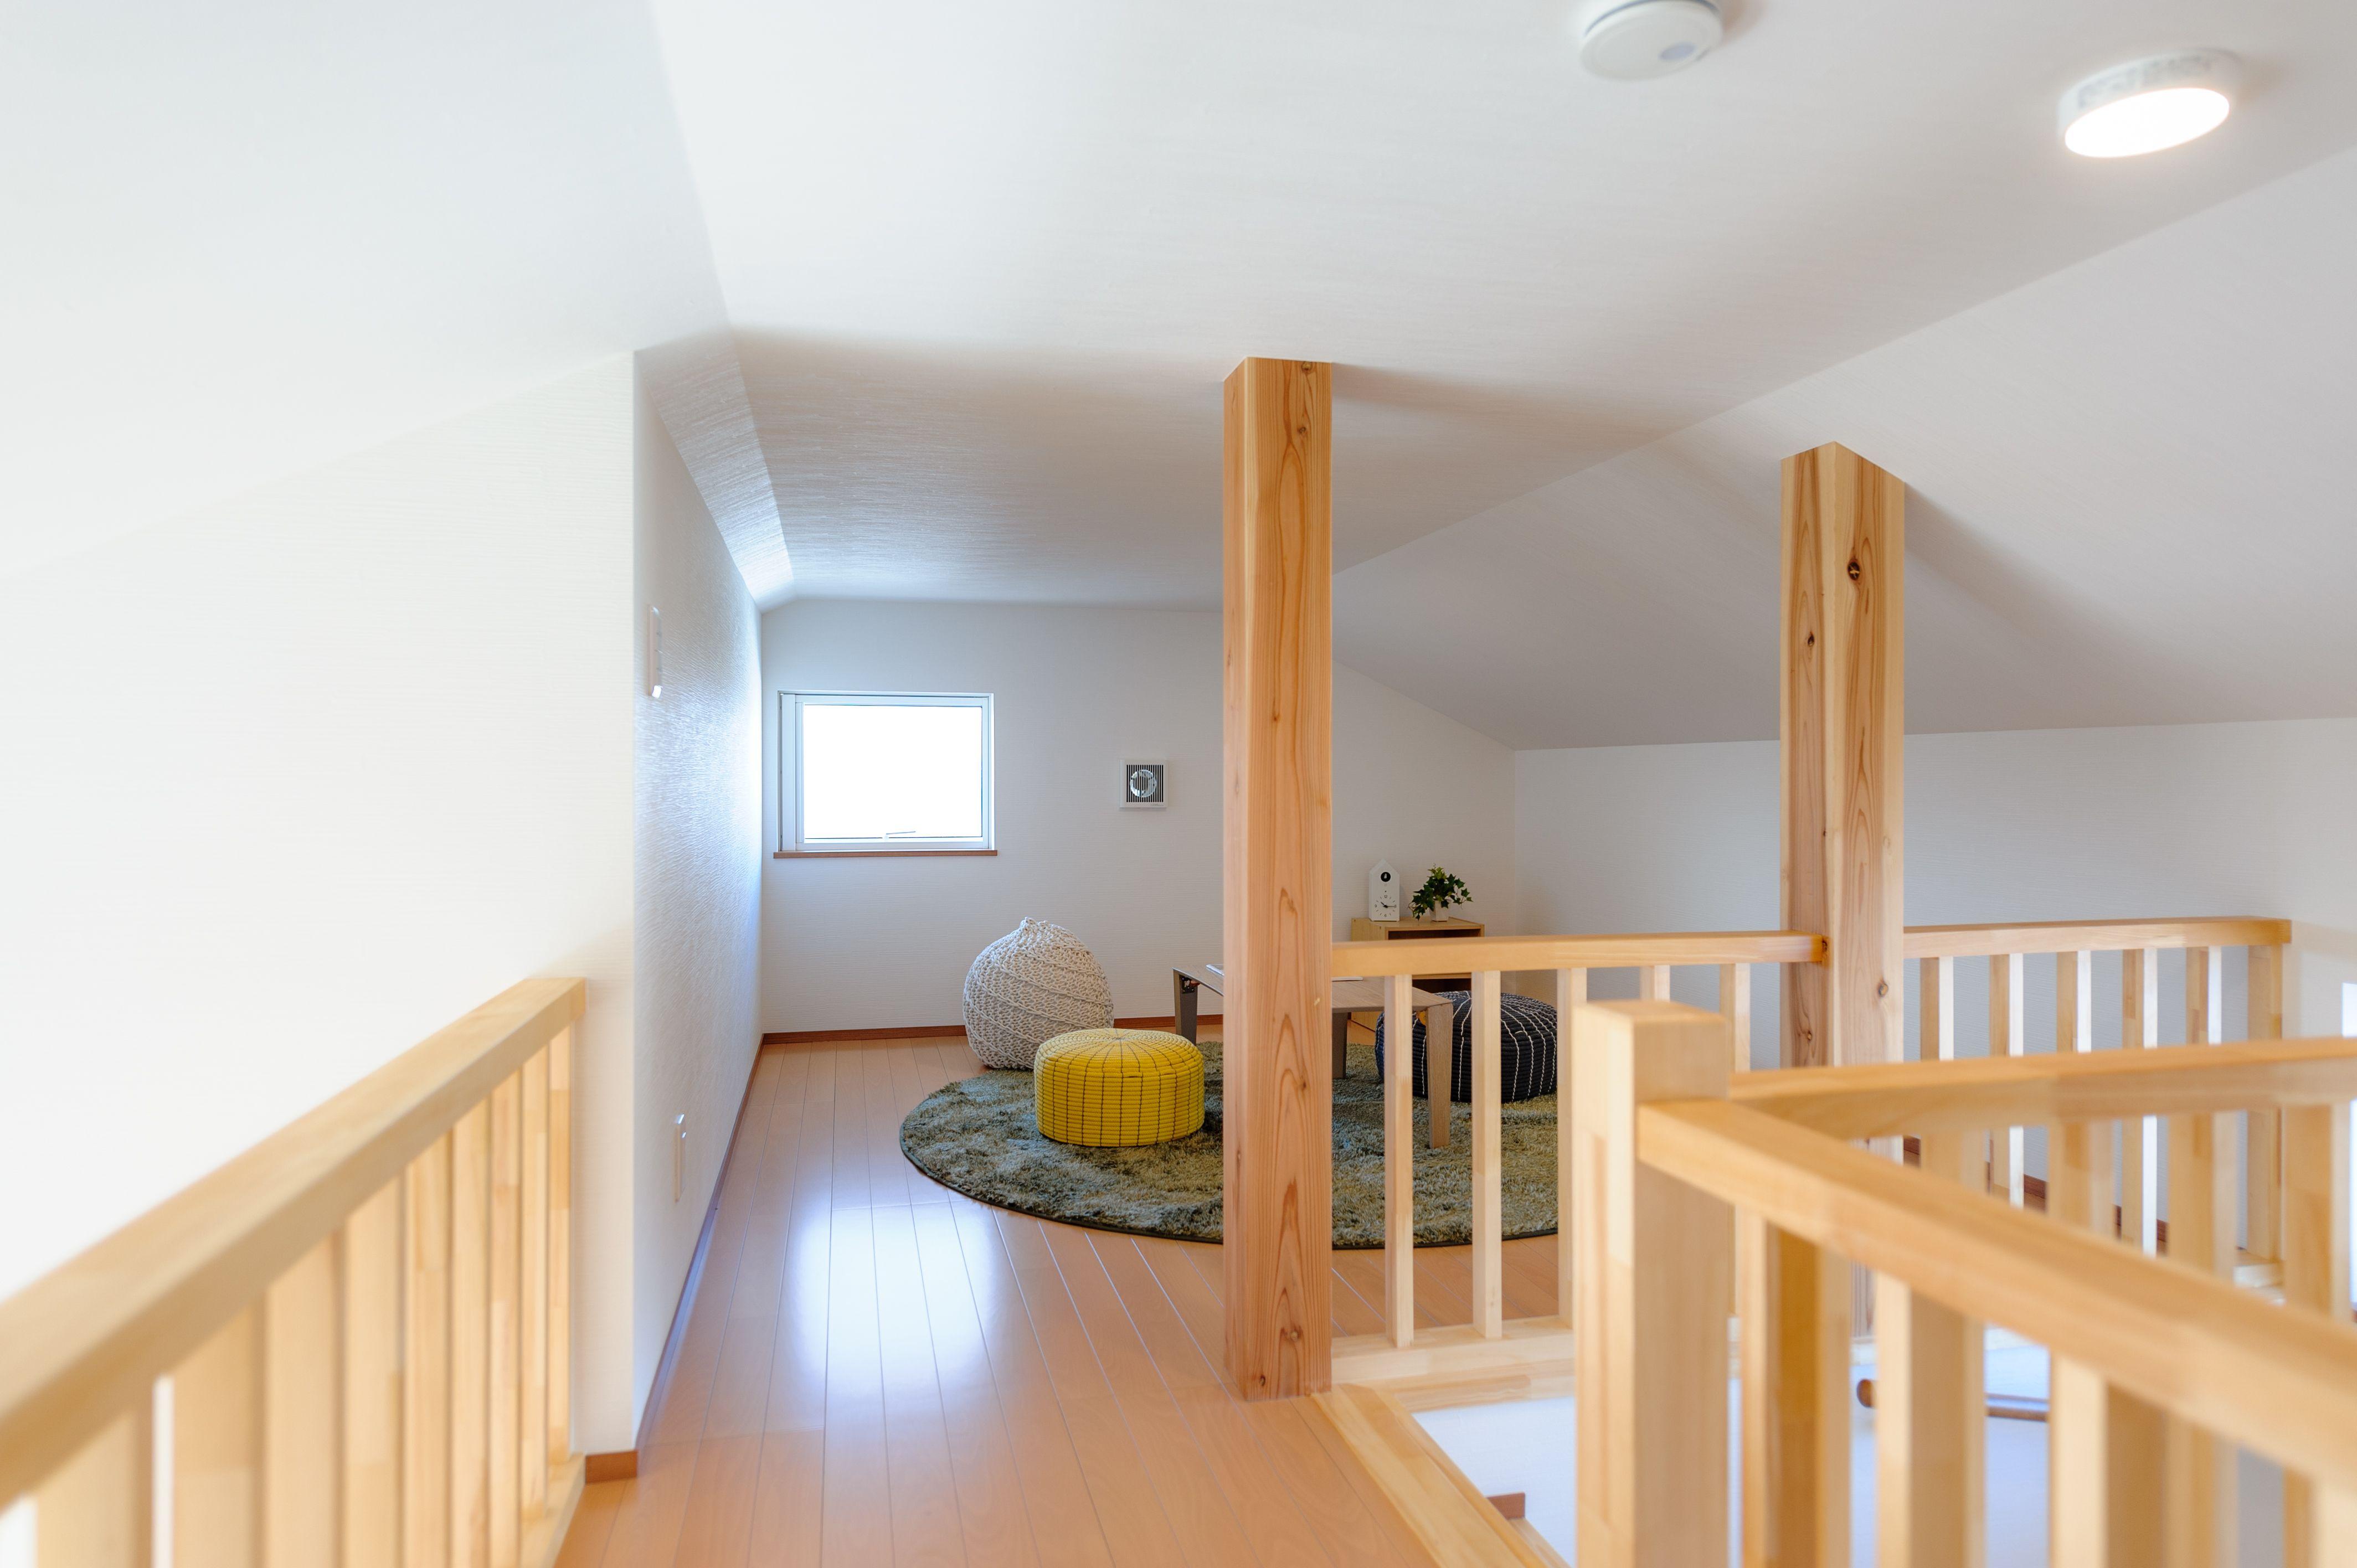 4 5帖ずつ2区画の屋根裏部屋 固定階段でラクラク昇降 屋根裏部屋の